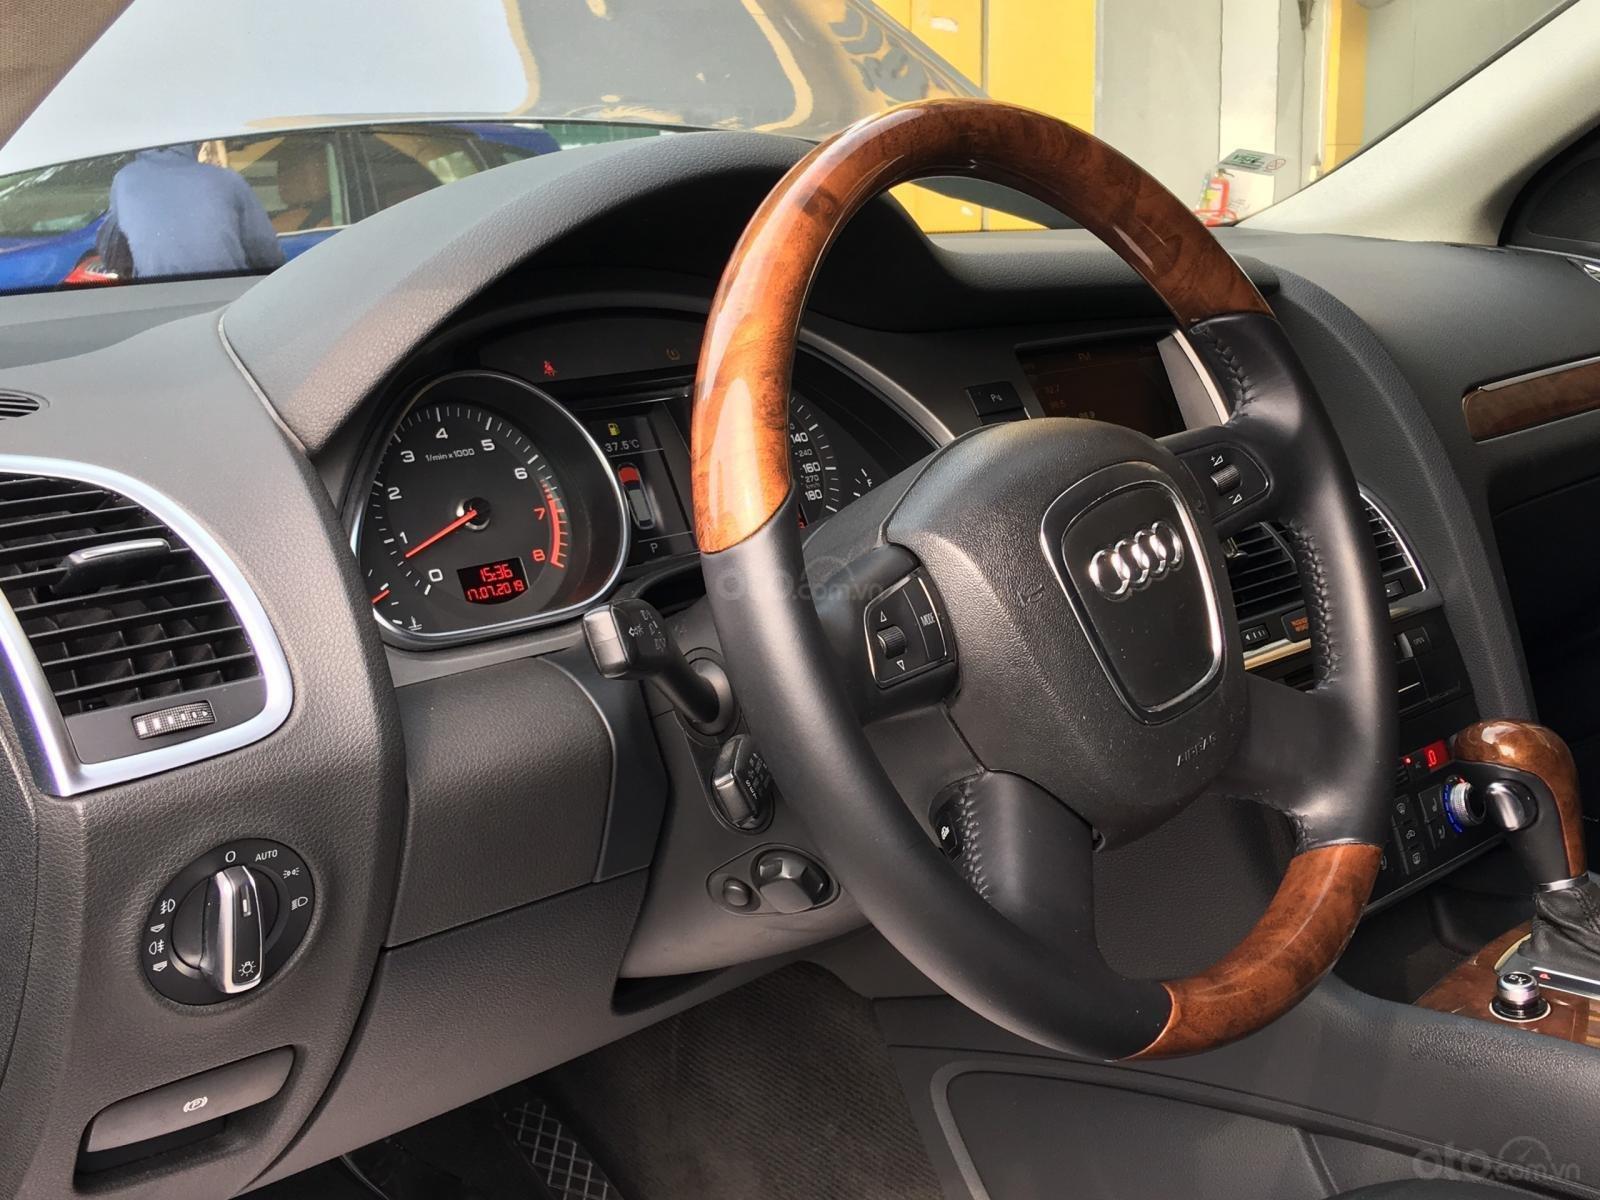 Bán Audi Q7 Sline nhập Mỹ 3.0 TFSI 2011, form 2015 (3)